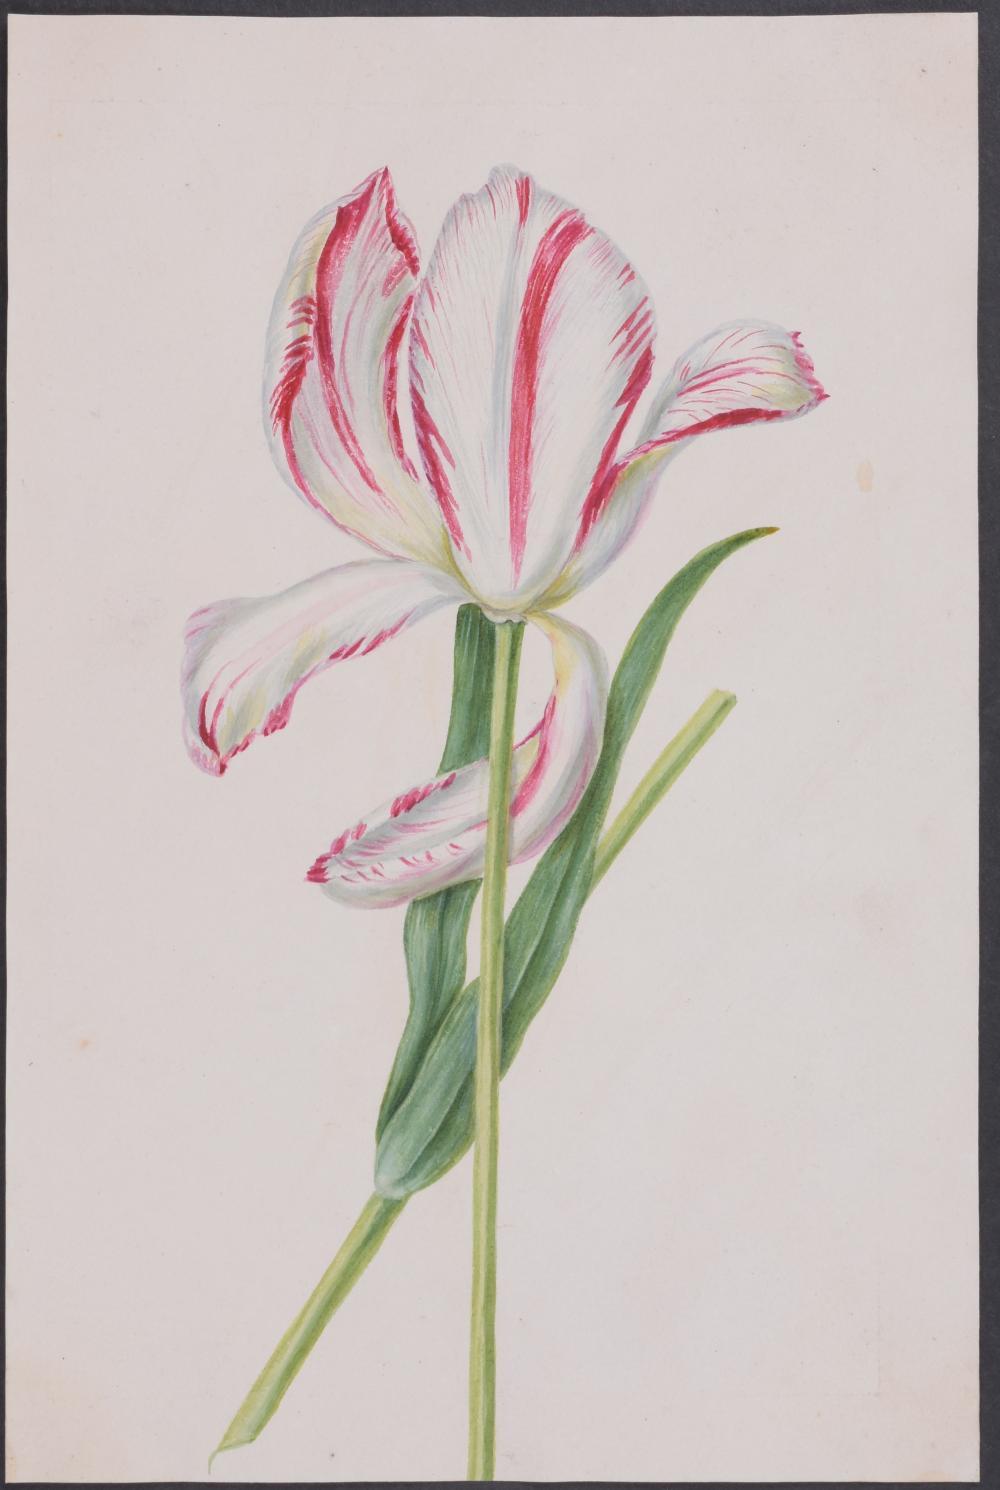 Lot 11122: Original Watercolor - Tulip - 2